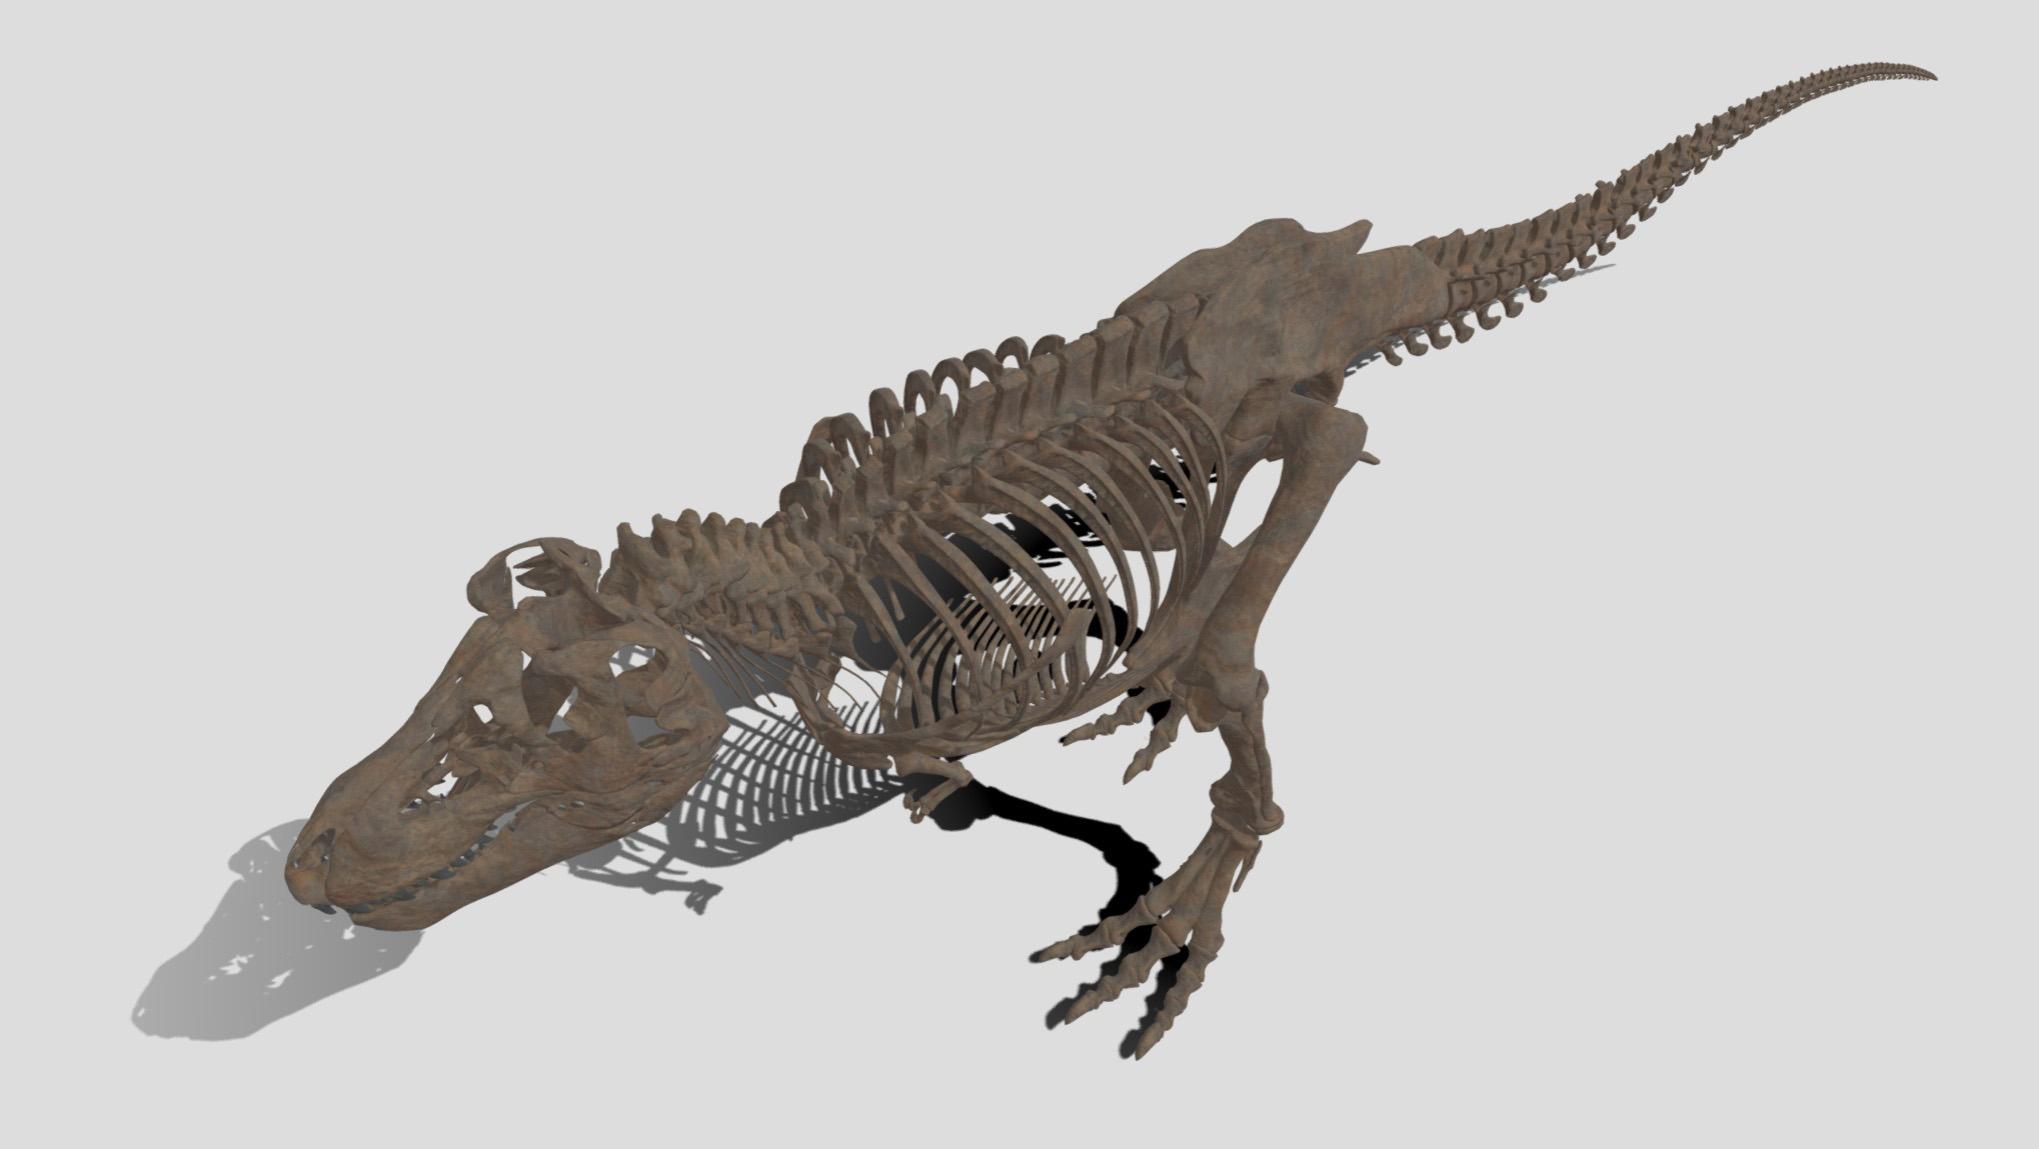 【国立科学博物館】おうちで恐竜博物館!! 日本各地の恐竜骨格をVRでぐるっと見学「ディノ・ネット デジタル恐竜展示室」